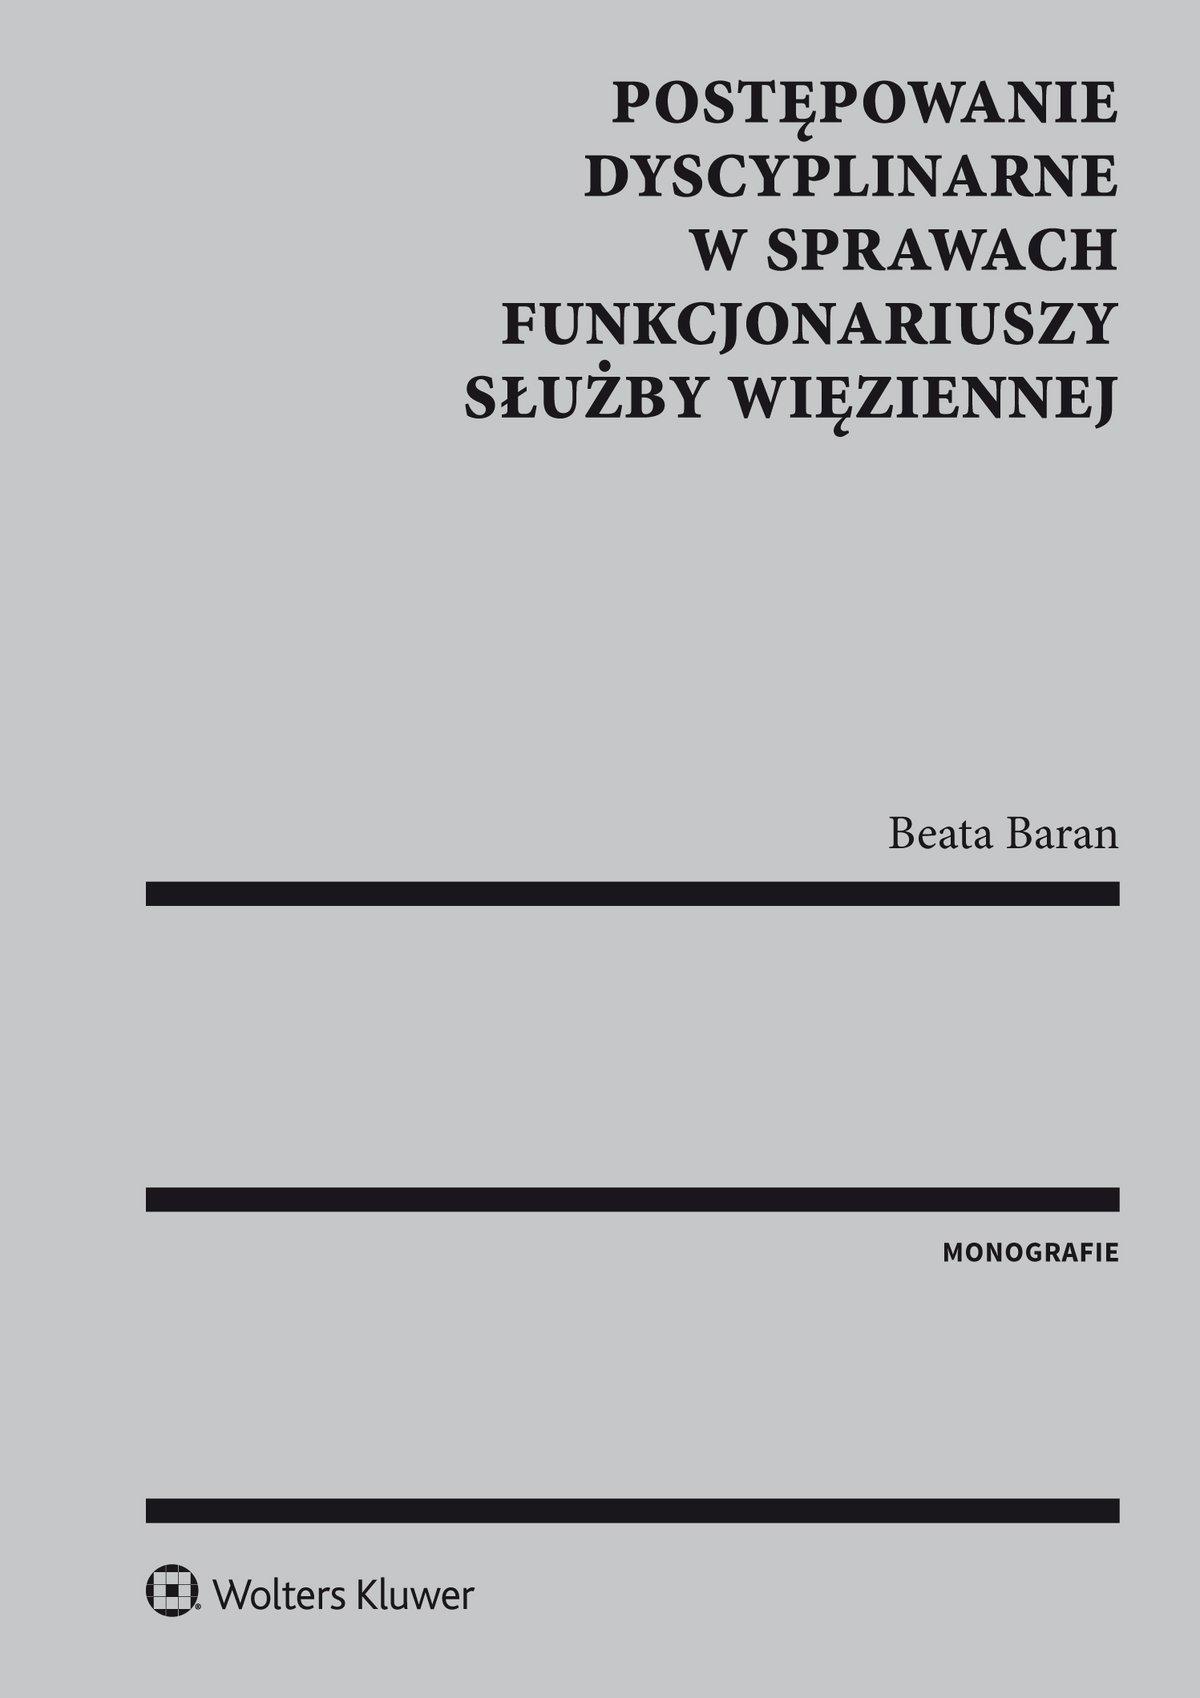 Postępowanie dyscyplinarne w sprawach funkcjonariuszy Służby Więziennej - Ebook (Książka PDF) do pobrania w formacie PDF